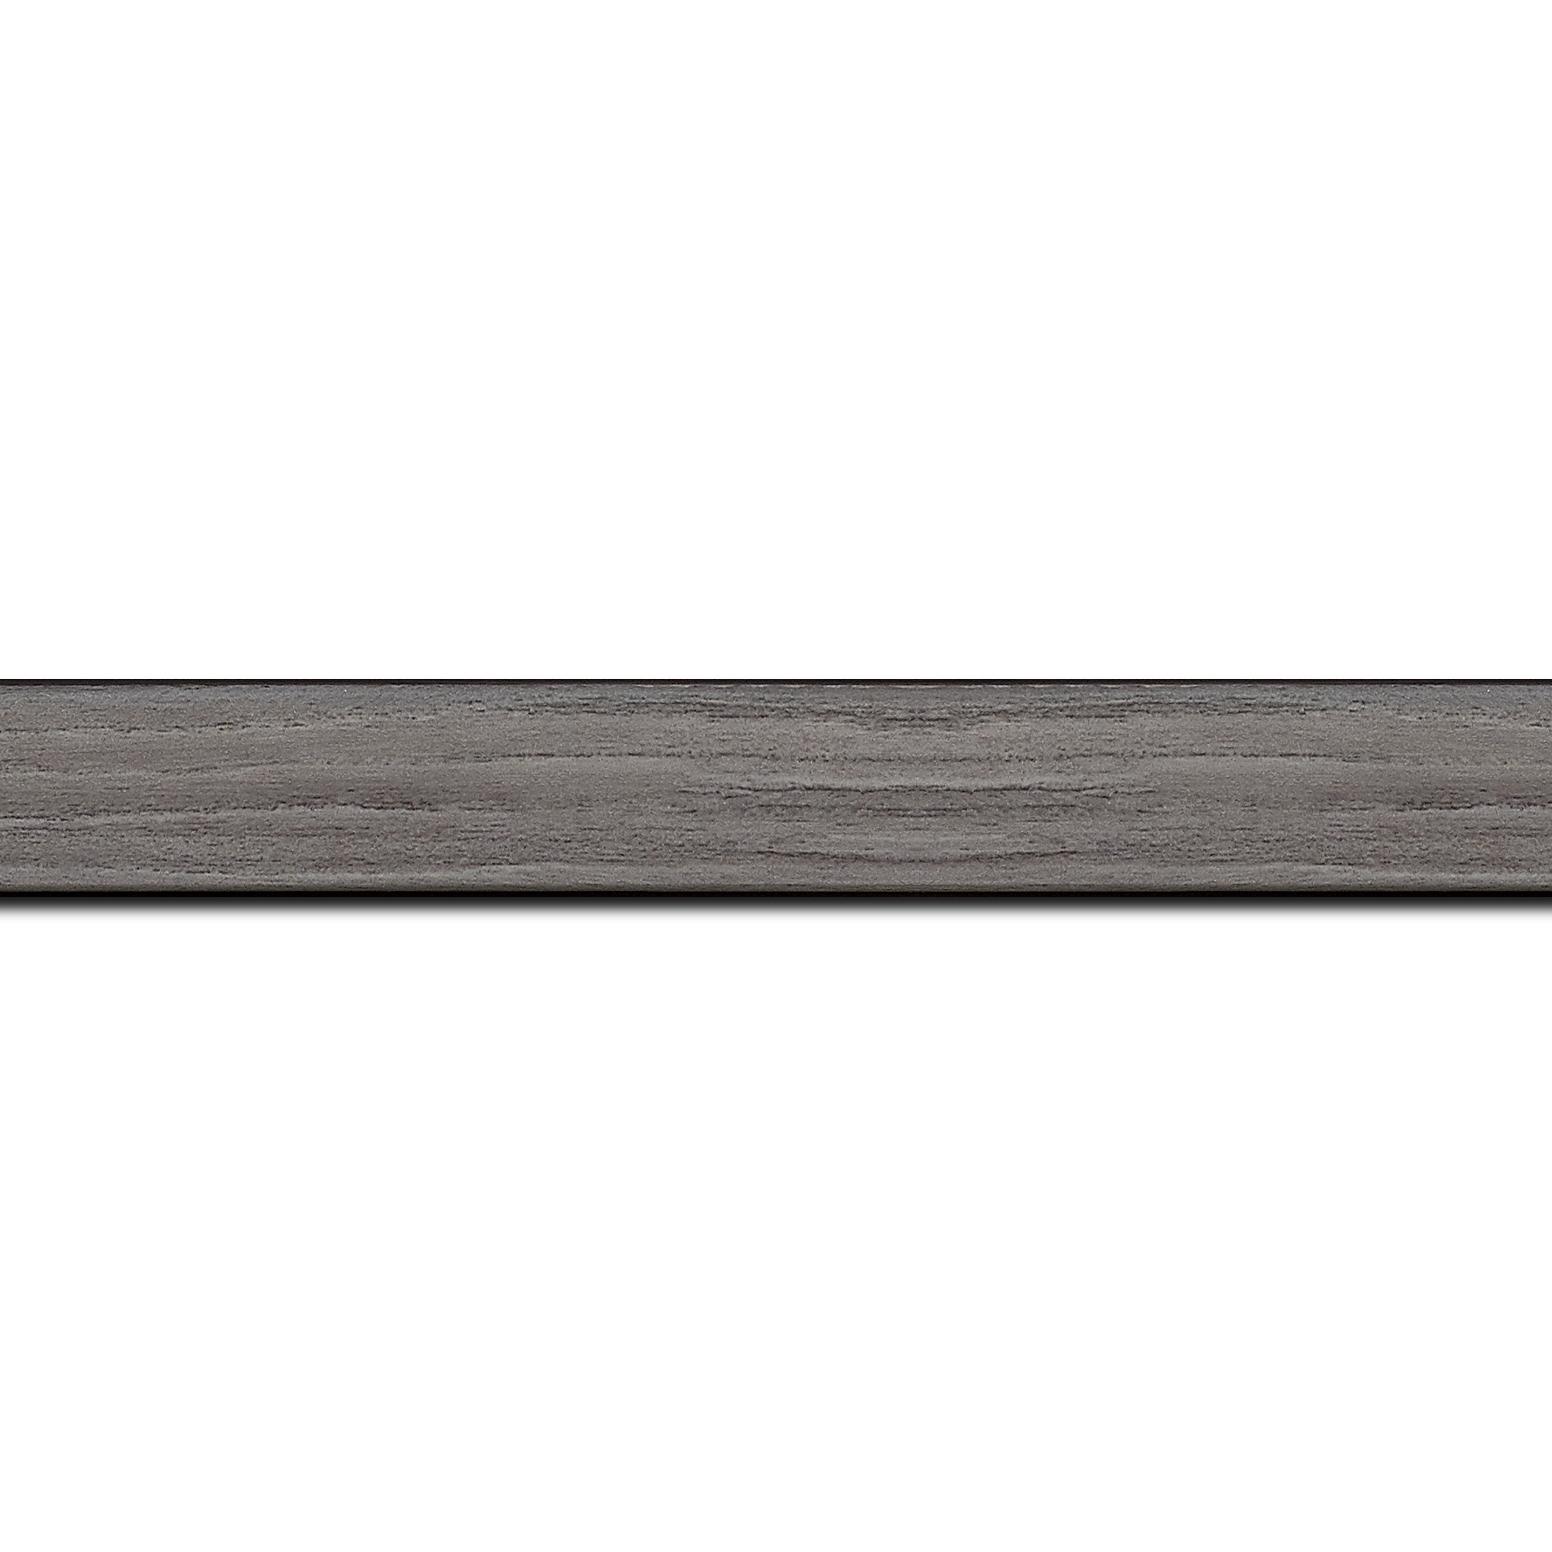 Pack par 12m, bois profil plat largeur 2cm décor bois gris(longueur baguette pouvant varier entre 2.40m et 3m selon arrivage des bois)